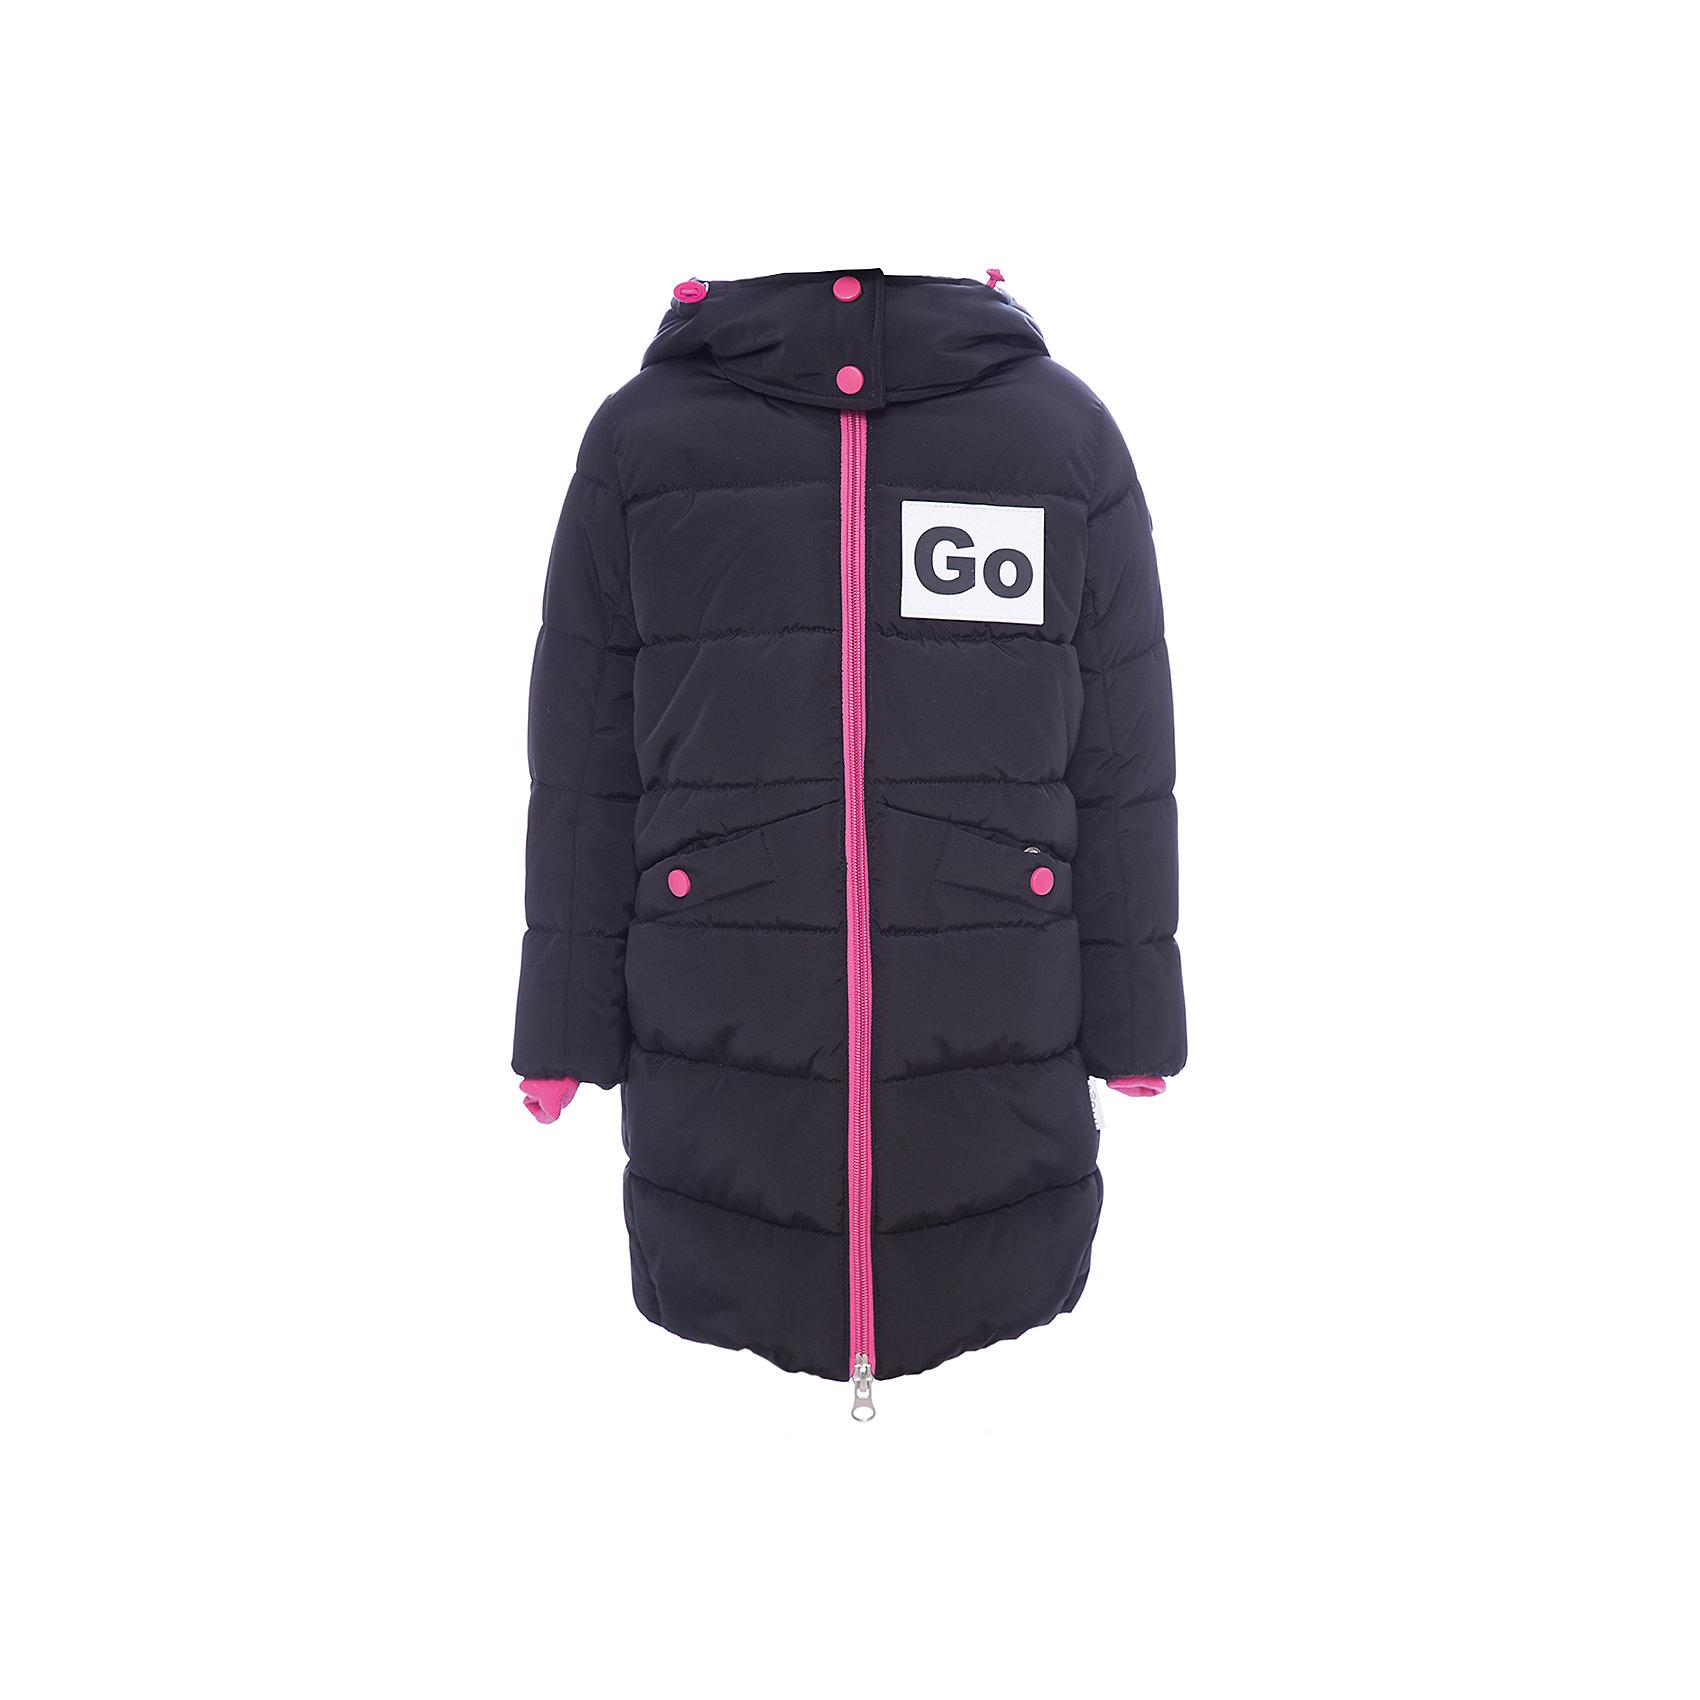 Пальто BOOM by Orby для девочкиВерхняя одежда<br>Характеристики товара:<br><br>• цвет: розовый<br>• состав ткани: твил pu milky<br>• подкладка: хлопок, флис, полиэстер пуходержащий<br>• утеплитель: эко синтепон<br>• сезон: зима<br>• температурный режим: от 0 до -30С<br>• плотность утеплителя: 400 г/м2<br>• капюшон: с мехом<br>• застежка: молния<br>• страна бренда: Россия<br>• страна изготовитель: Россия<br><br>Это удлиненное пальто стильно смотрится. Модное теплое пальто имеет удобный капюшон. Зимнее пальто для ребенка поможет обеспечить необходимый уровень комфорта в морозы. Плотная ткань и утеплитель зимнего пальто защитят ребенка от холодного воздуха.<br><br>Пальто для девочки BOOM by Orby (Бум бай Орби) можно купить в нашем интернет-магазине.<br><br>Ширина мм: 356<br>Глубина мм: 10<br>Высота мм: 245<br>Вес г: 519<br>Цвет: черный<br>Возраст от месяцев: 144<br>Возраст до месяцев: 156<br>Пол: Женский<br>Возраст: Детский<br>Размер: 158,146,152,98,104,110,116,122,128,134,140<br>SKU: 7090340